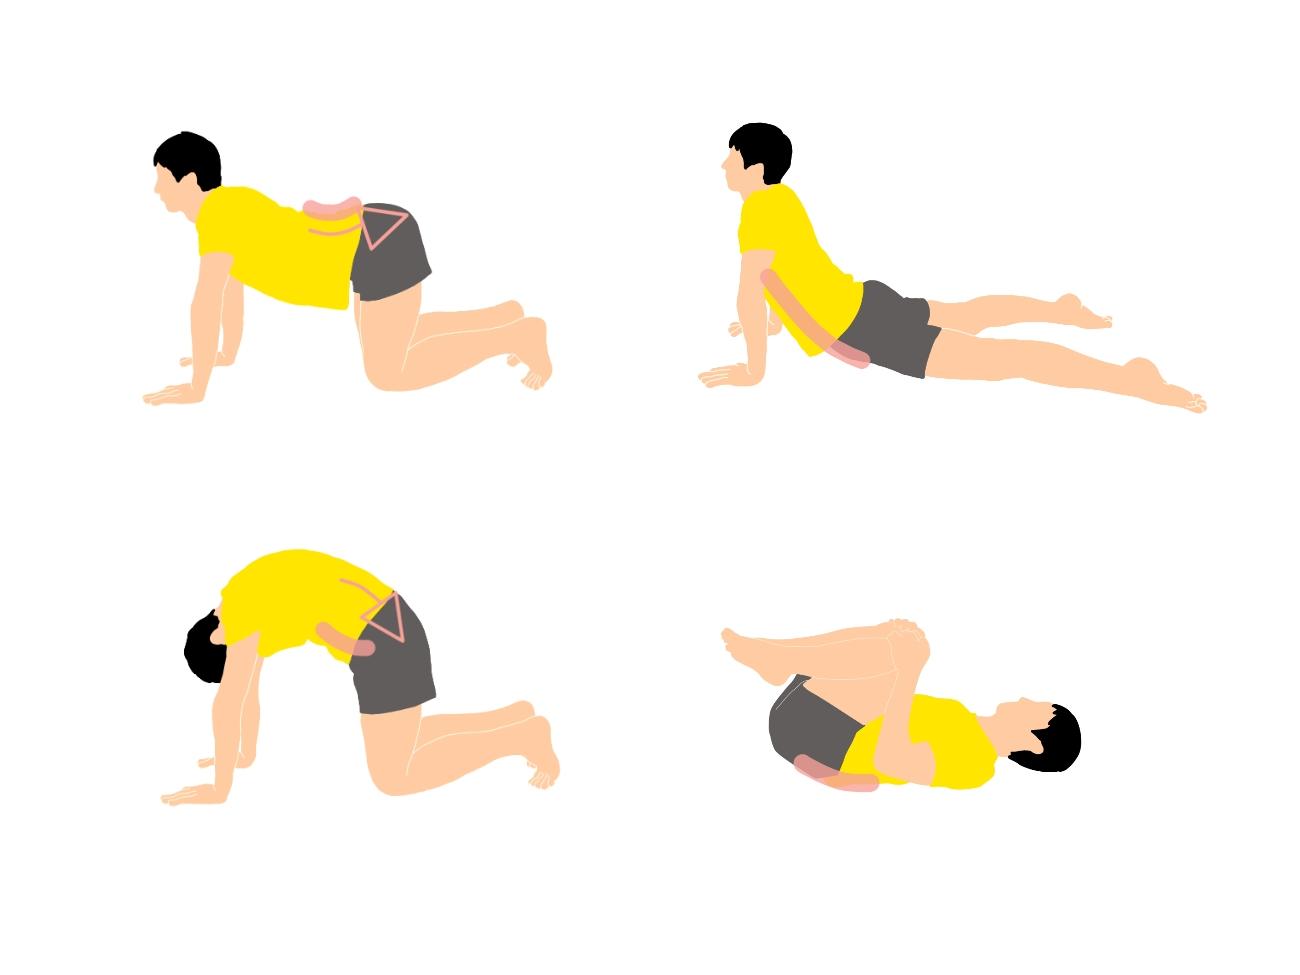 骨盤の前傾と後傾を意識して行う腹筋と背筋のストレッチ